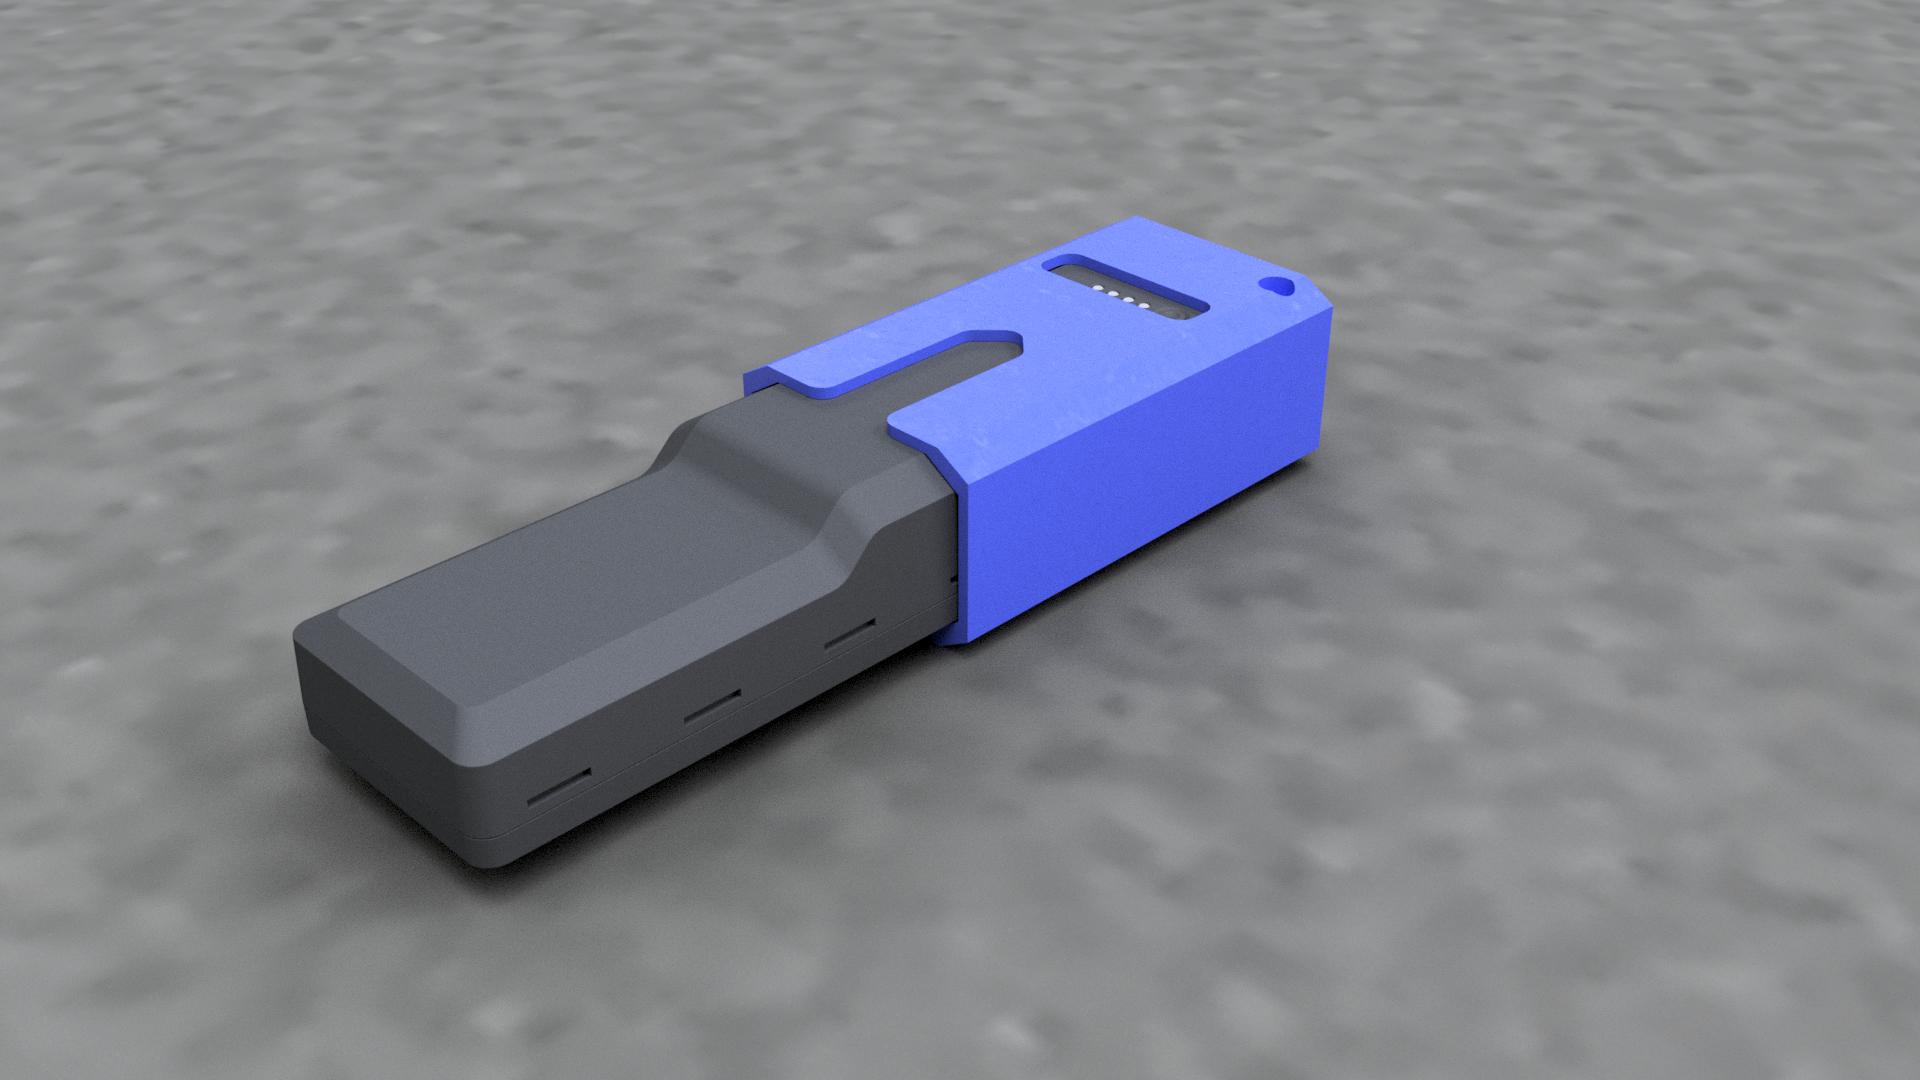 V5_Robot_Battery_276-4811%20(4)